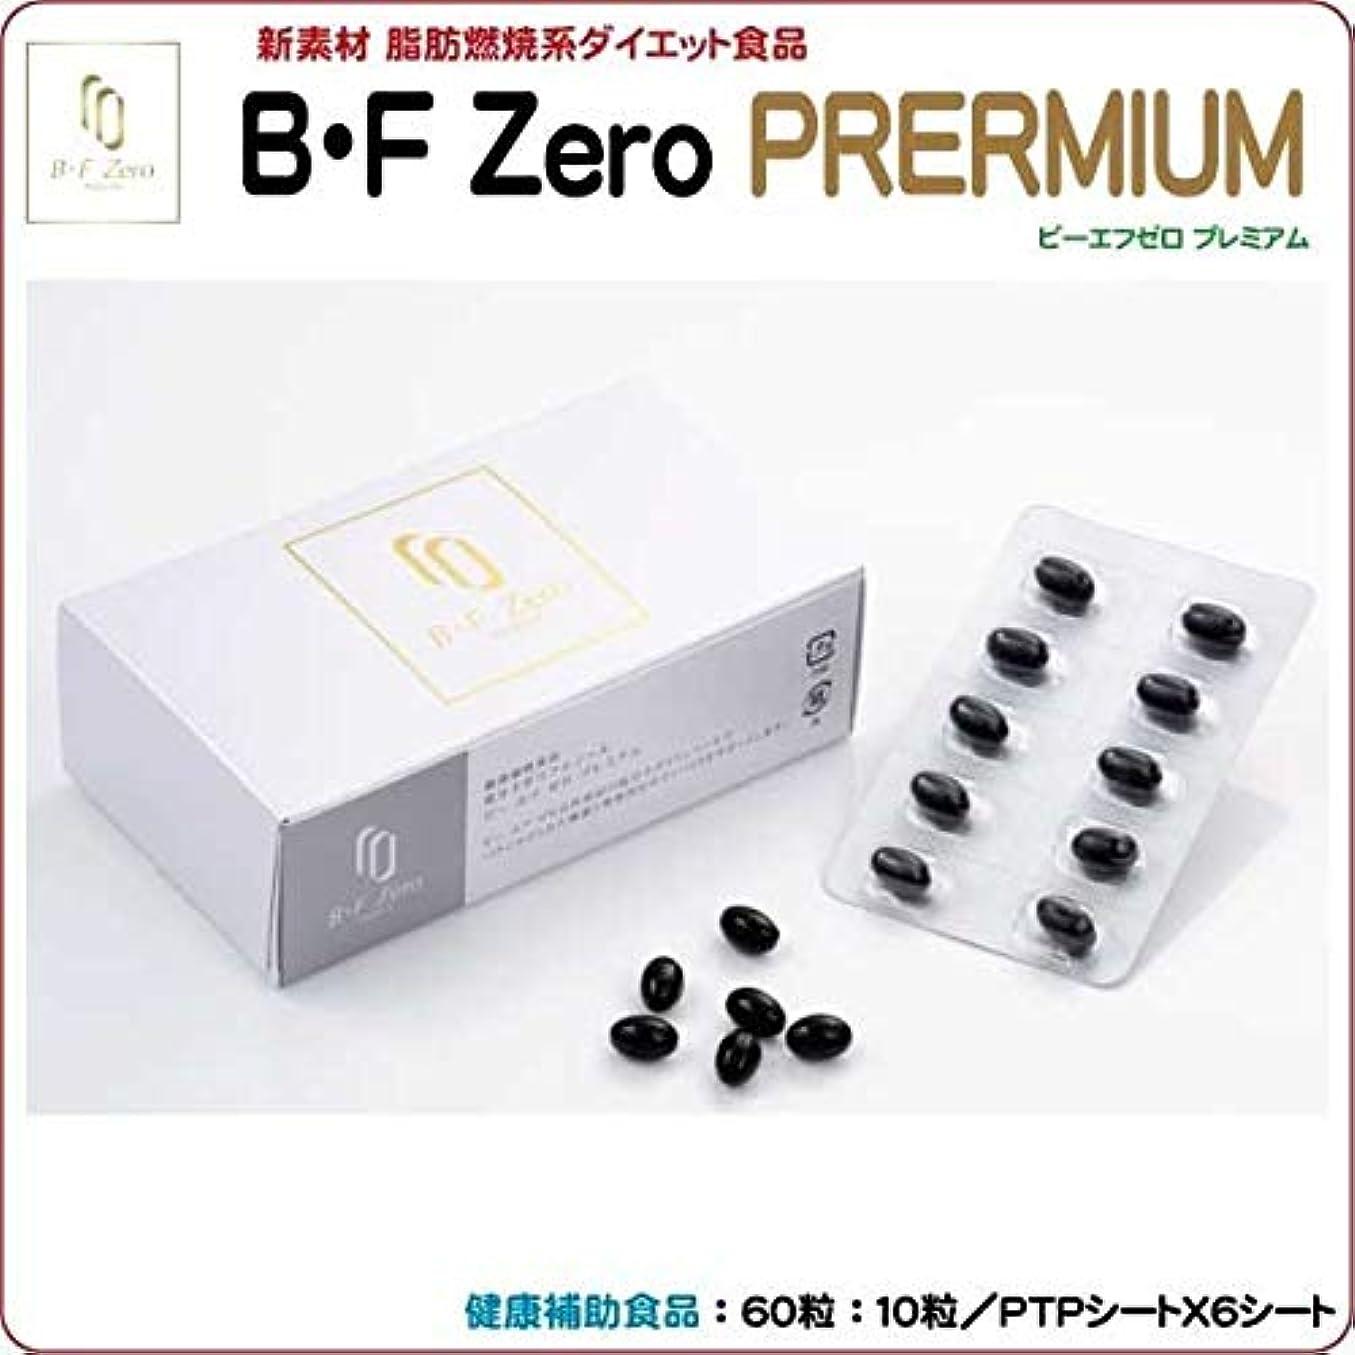 盆アリス光のビーエフゼロプレミアム B?F Zero PREMIUM